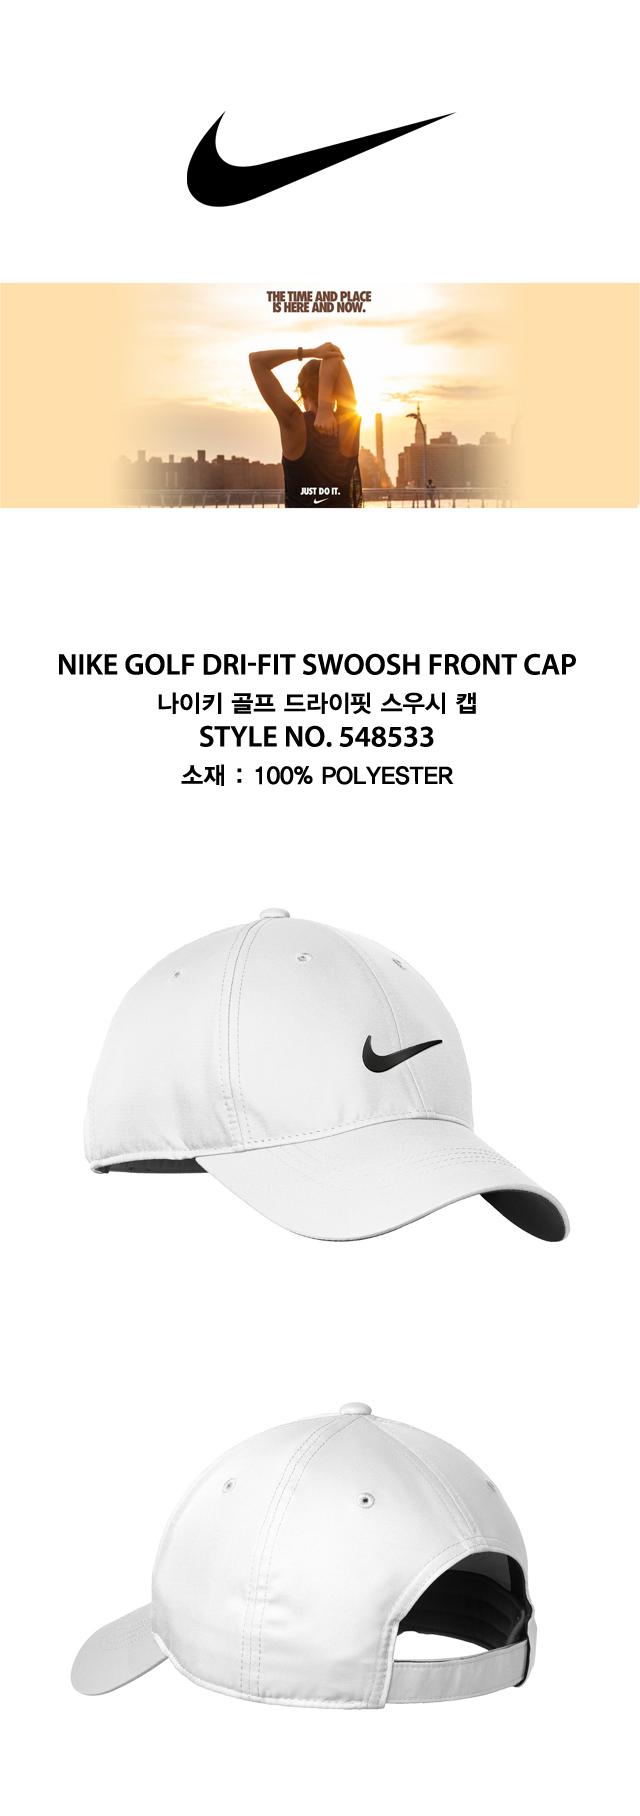 나이키 드라이핏 스우시 캡 정품 볼캡 모자 548533 화이트